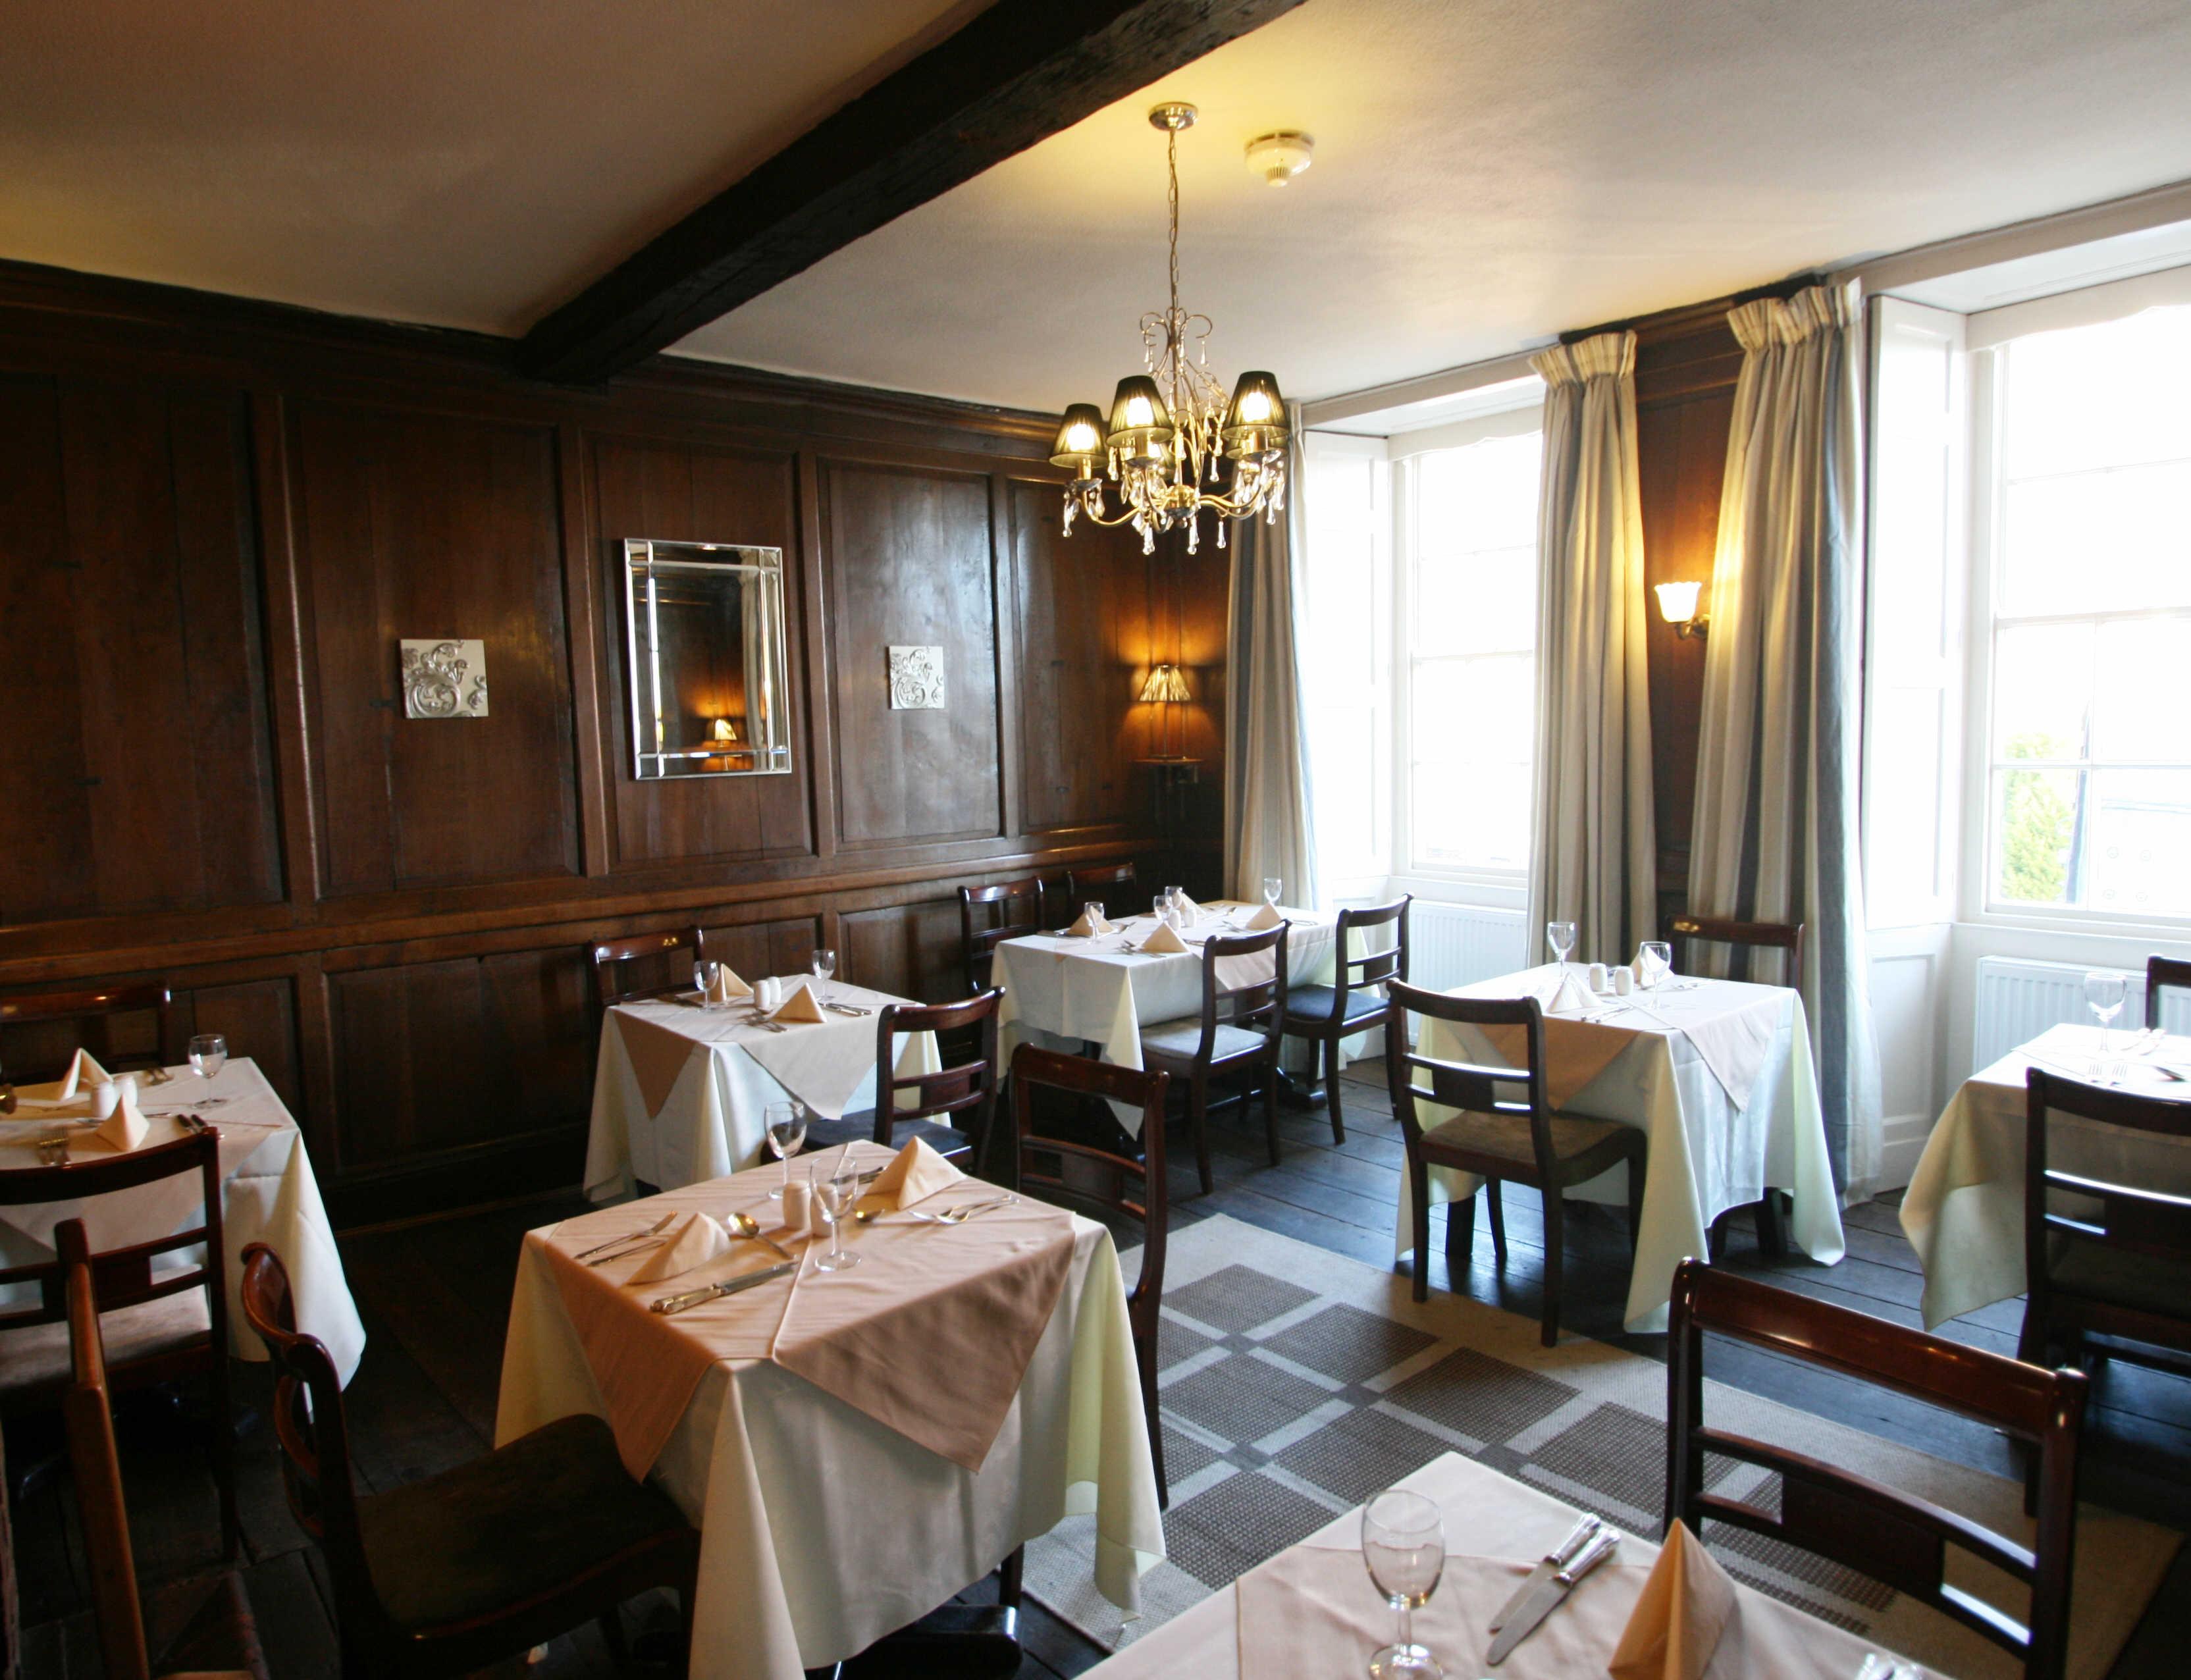 Restaurant in The Castle Hotel, Bishops Castle